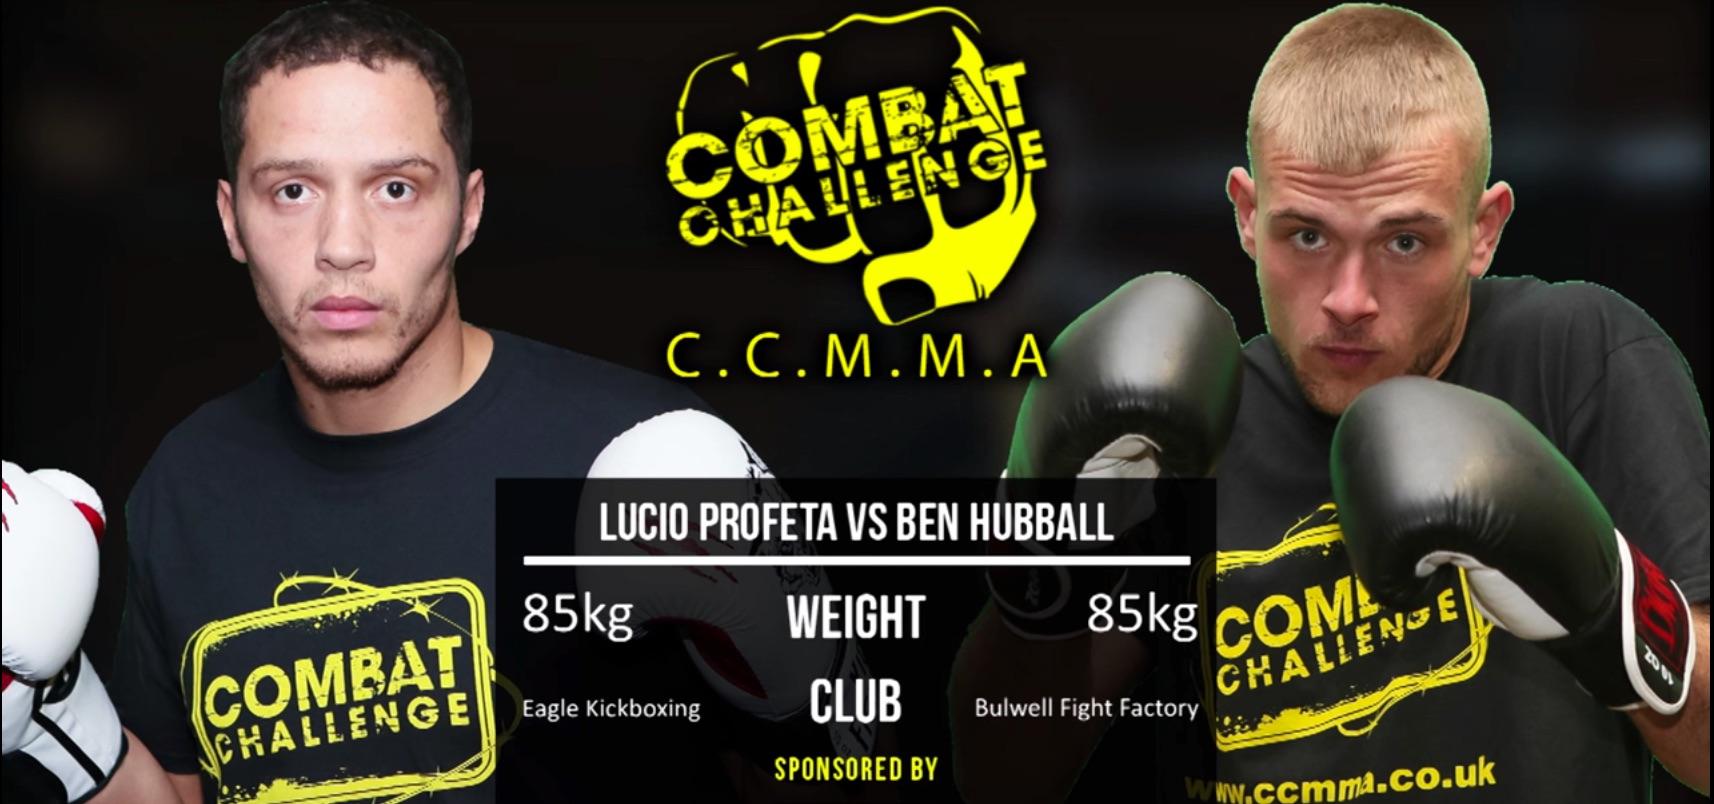 combat challenge blog